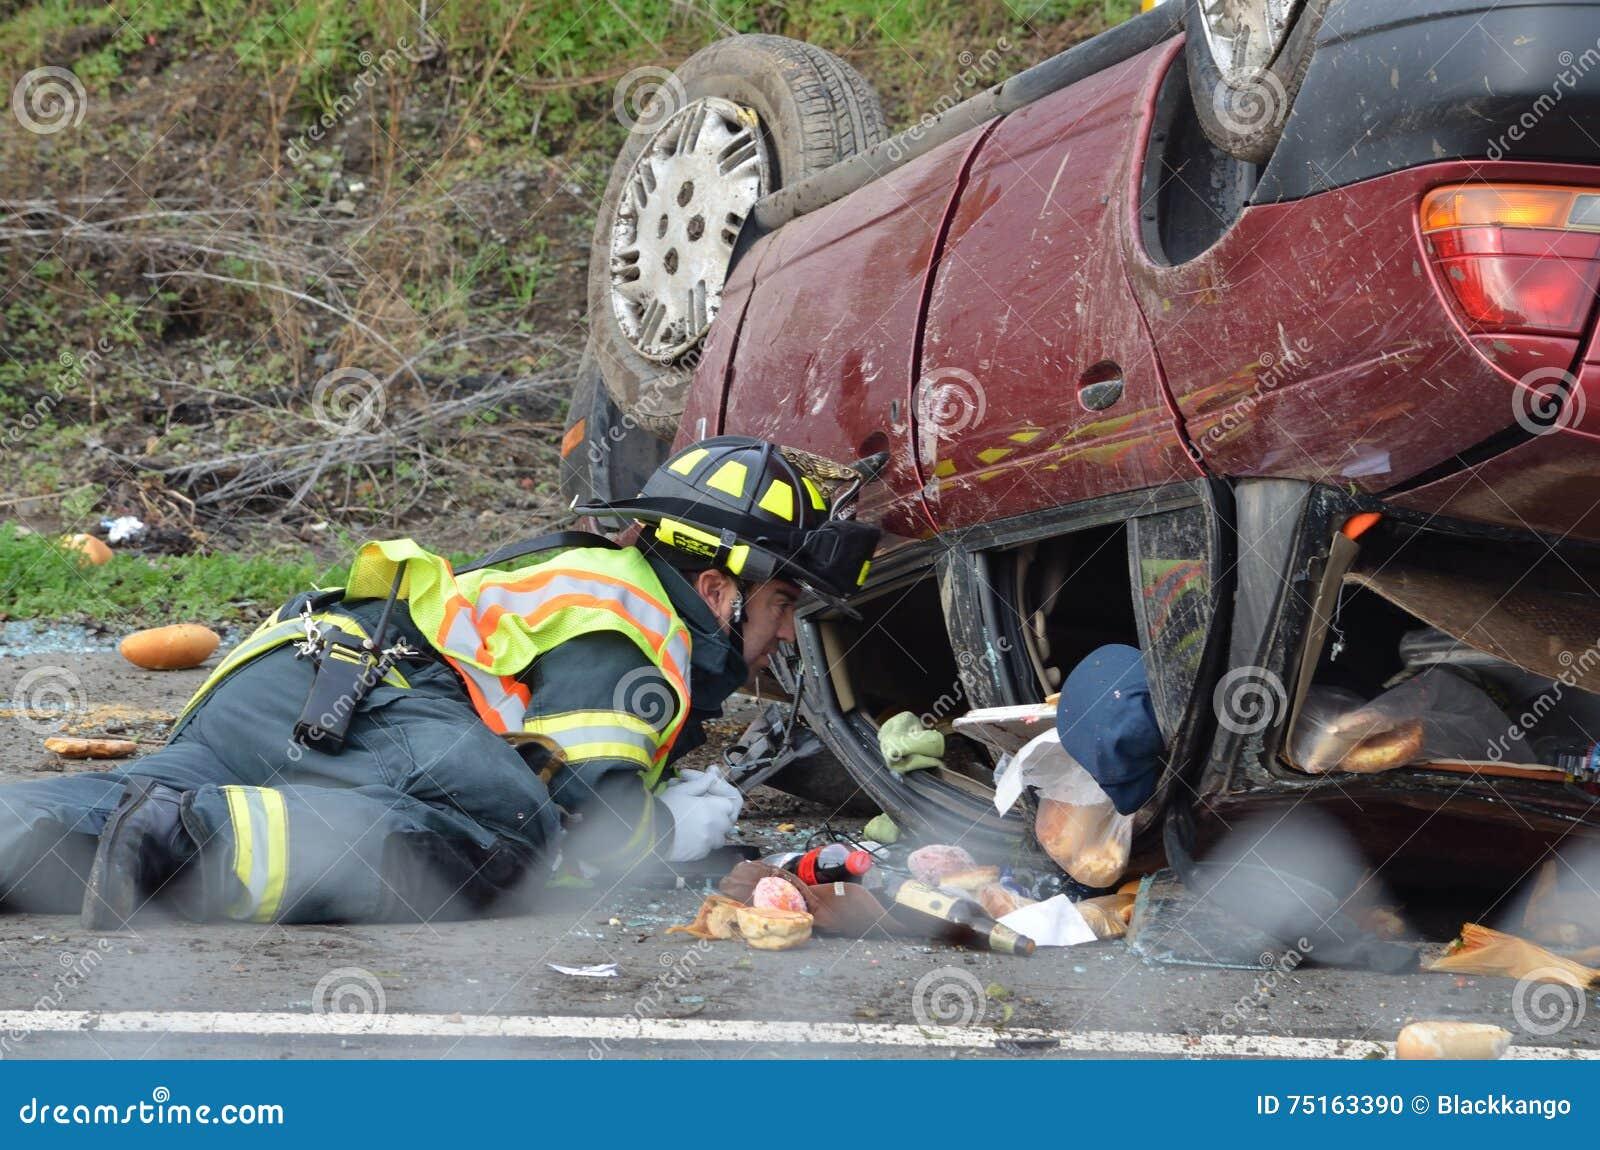 Autounfall Auf Kalifornien-Autobahn Redaktionelles Bild - Bild von ...